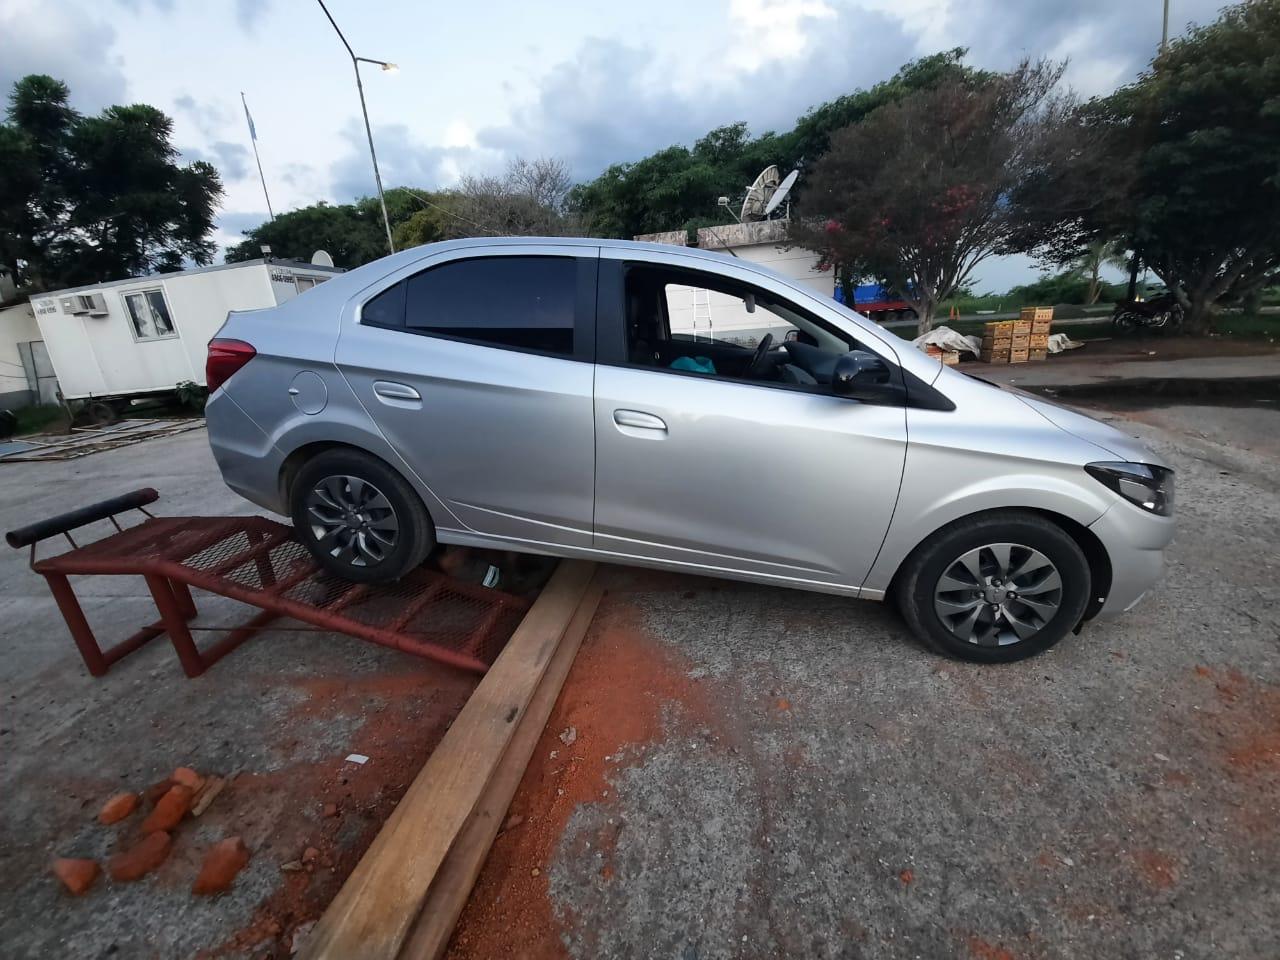 El automóvil fue detenido por personal del Escuadron de la Gendarmería Nacional en el puesto El Naranjo, en el sur de la provincia.  - Fotos: Gendarmería Nacional.